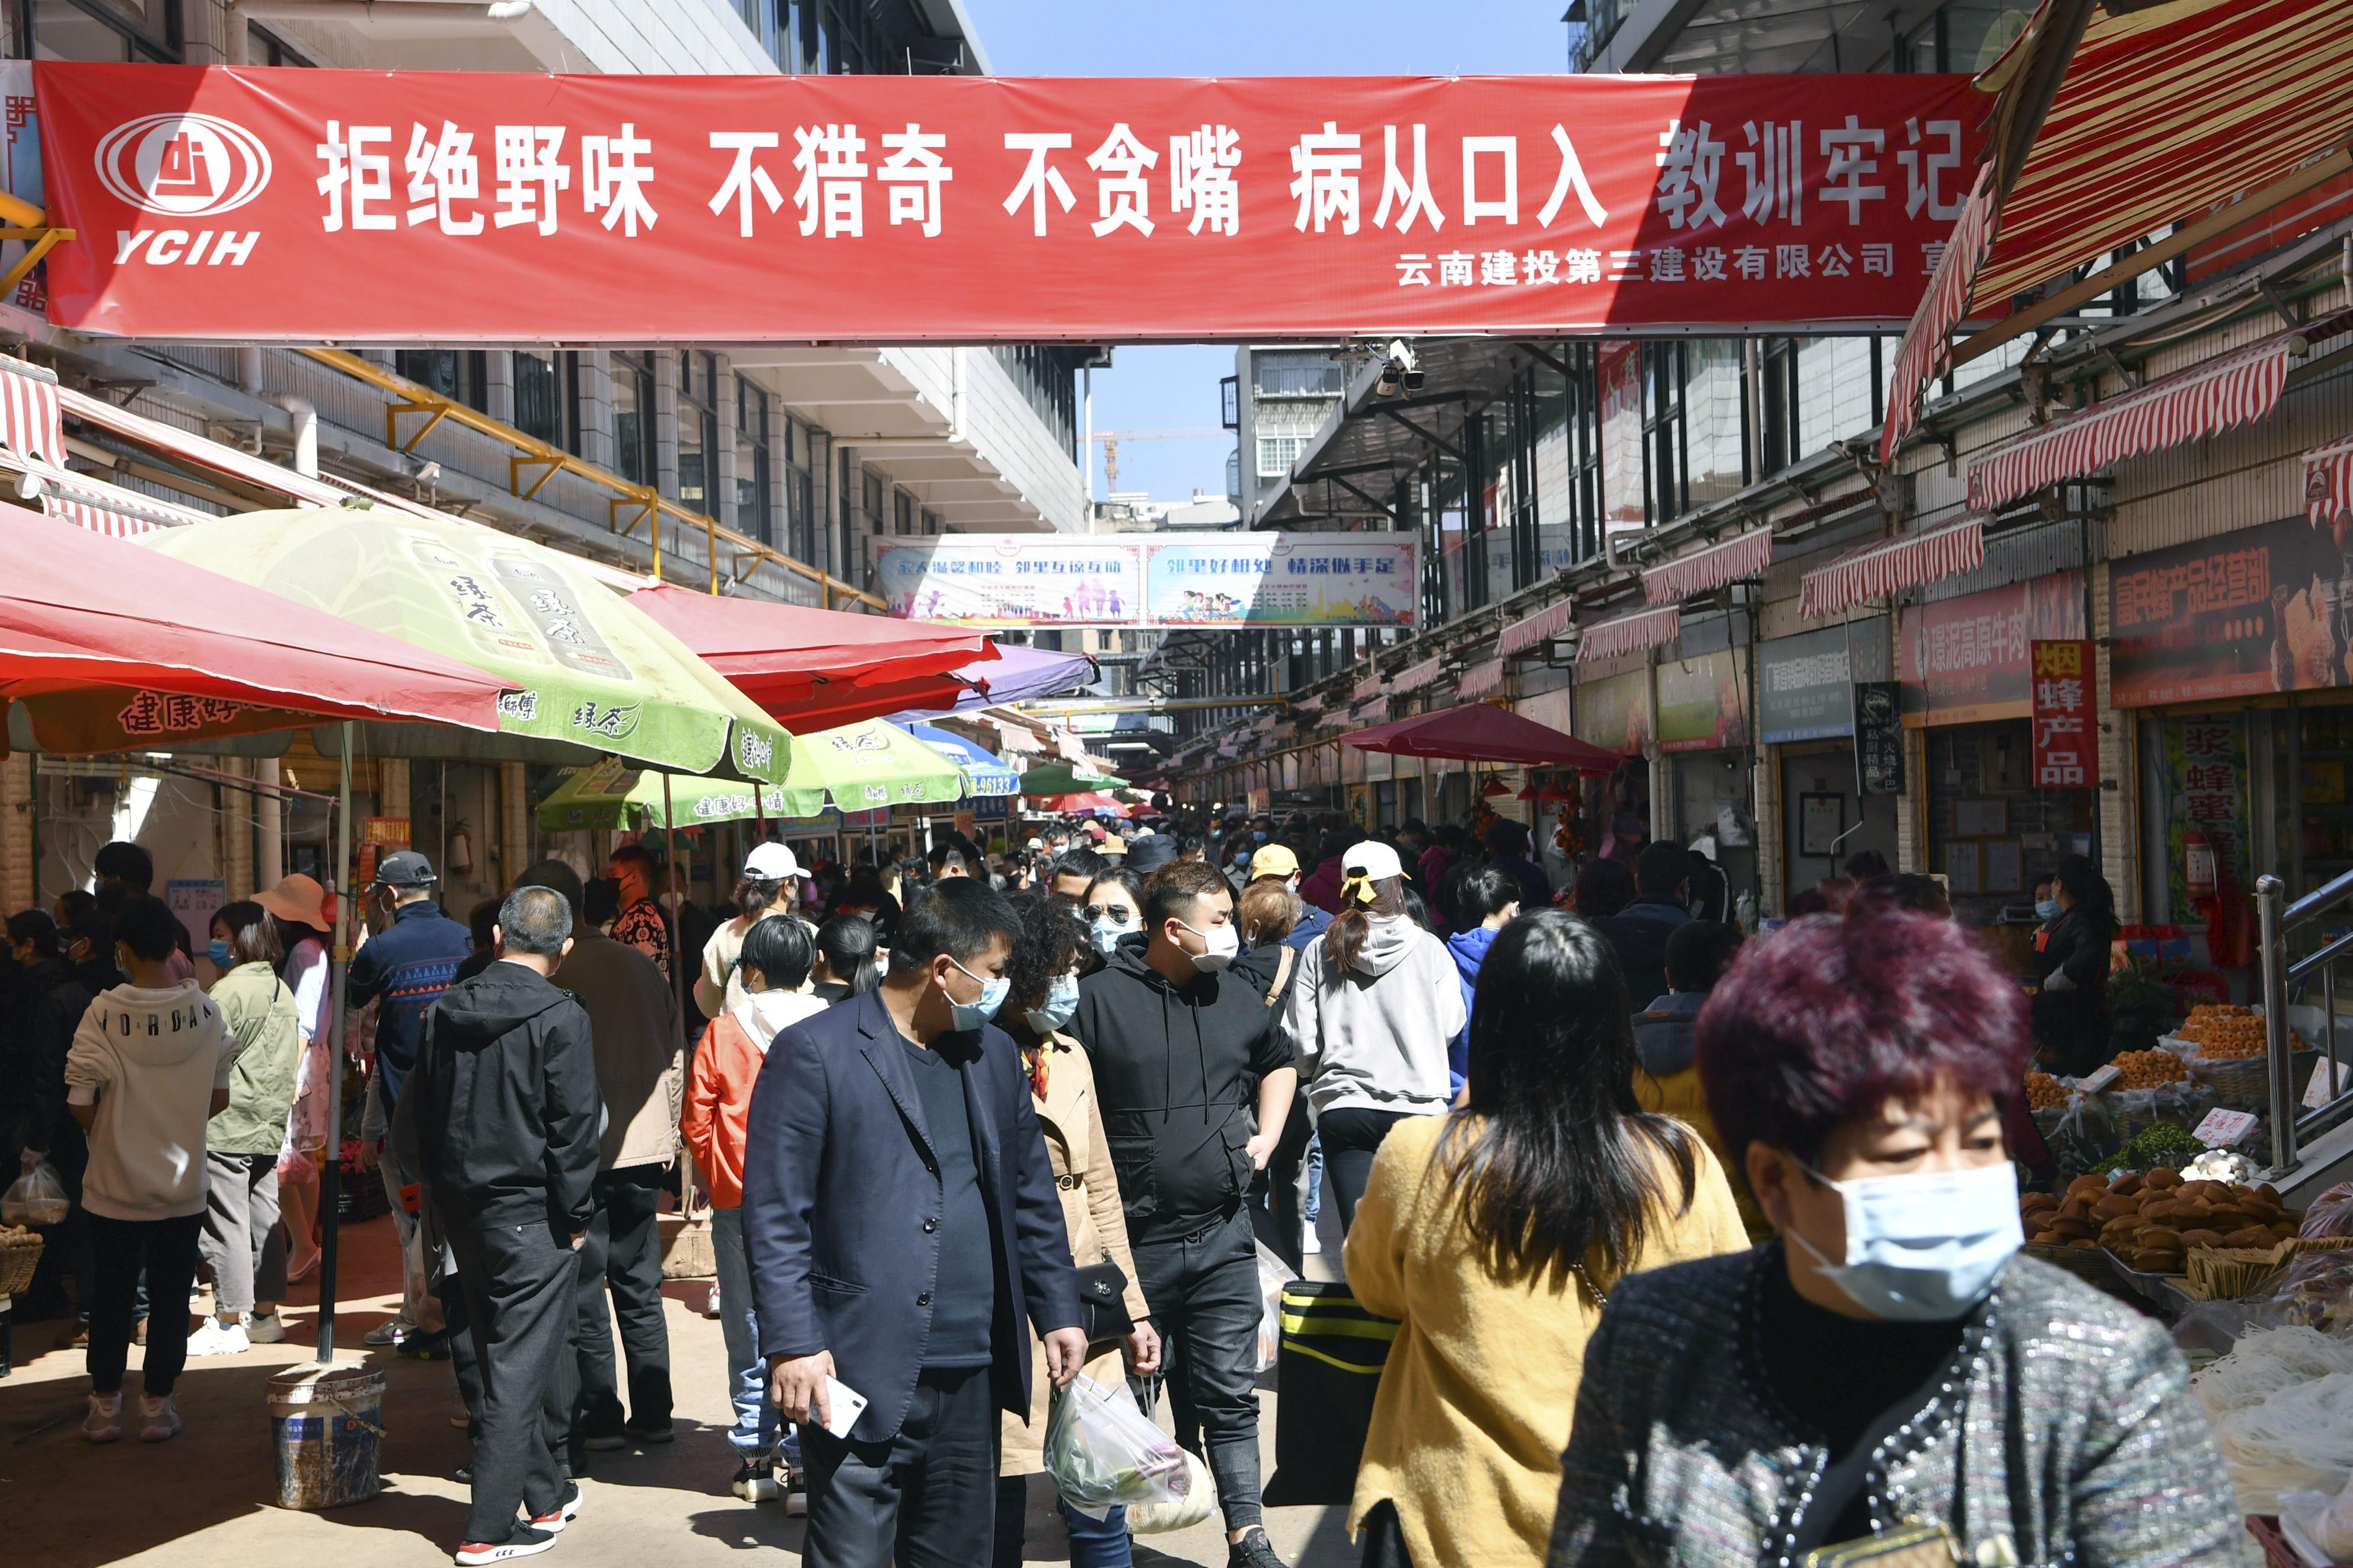 中国雲南省の市場に掲げられた野生動物を食べないよう呼び掛けるスローガン=3月(共同)